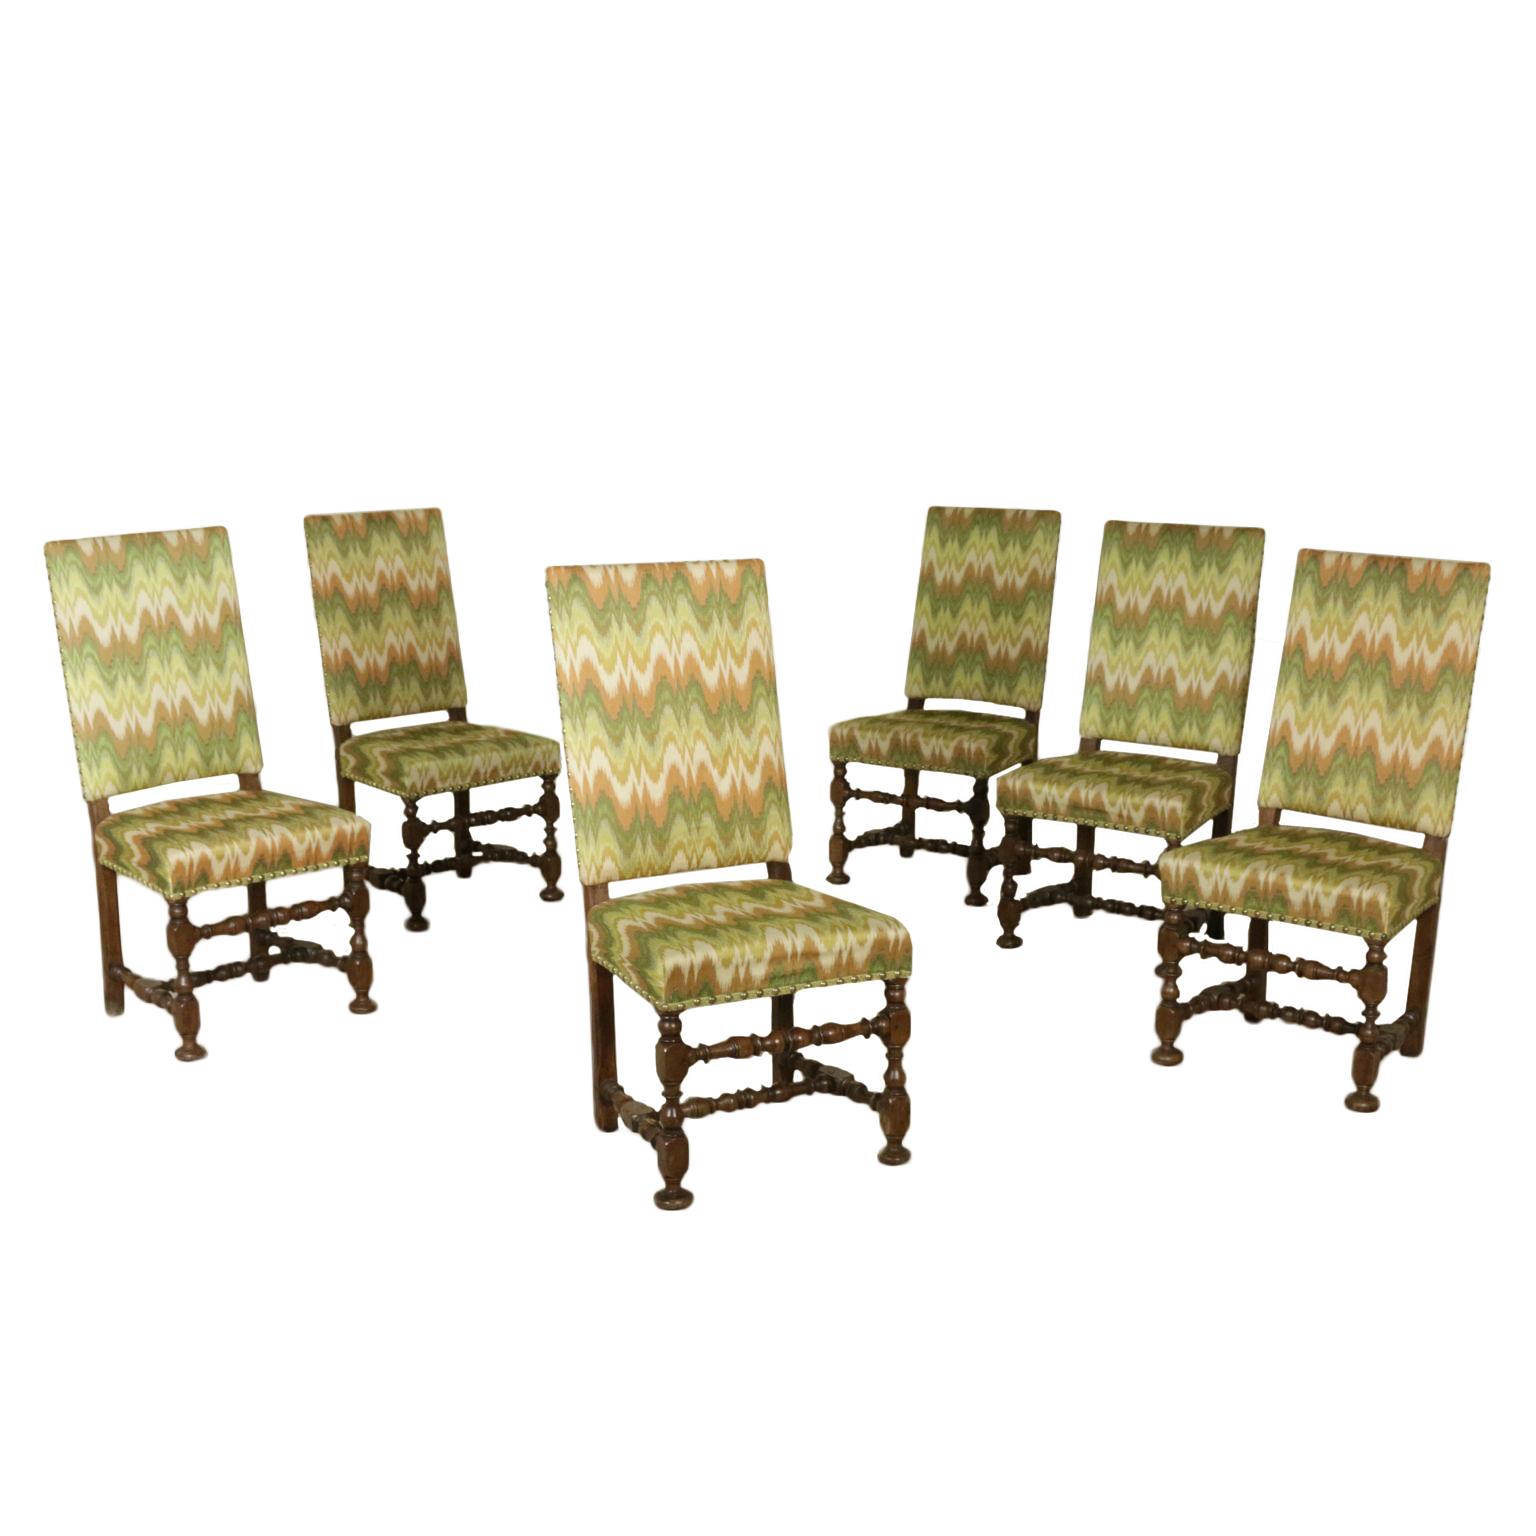 Gruppo di sei sedie a rocchetto sedie poltrone divani for Poltrone sedie